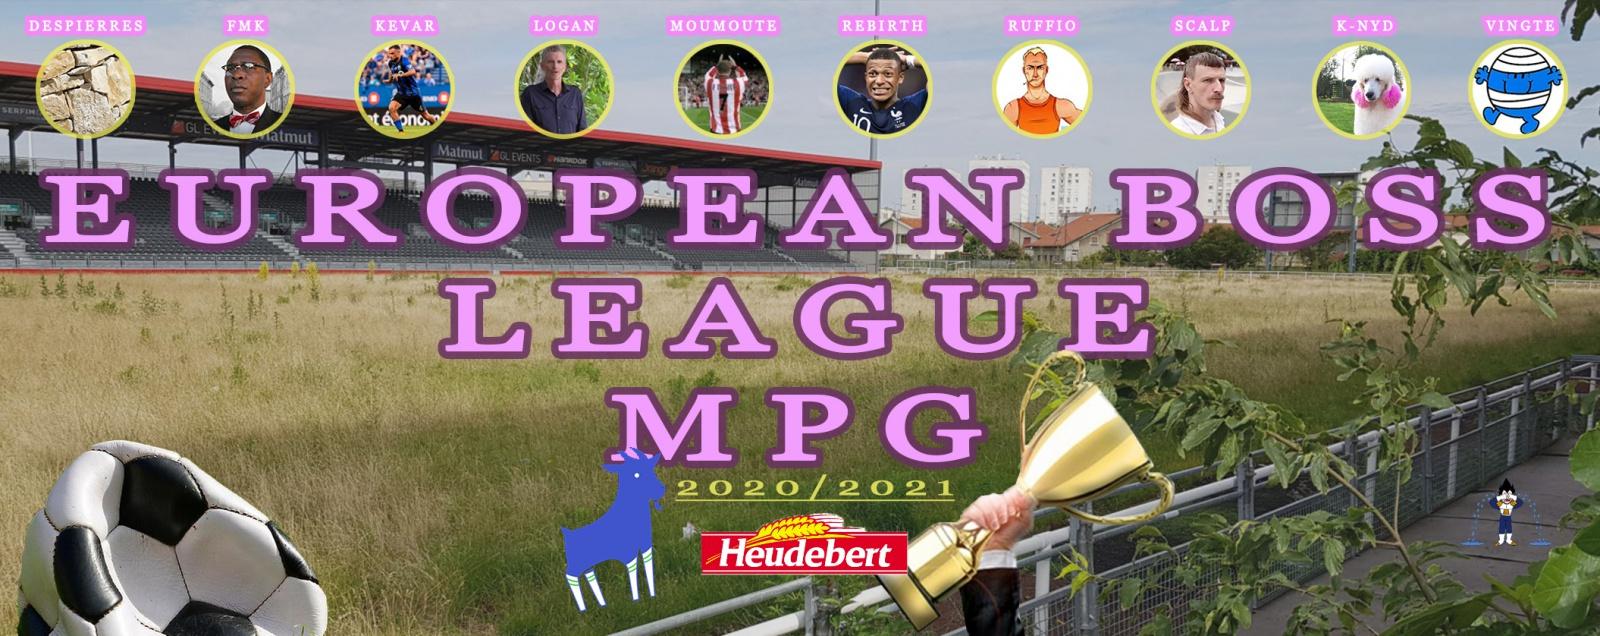 European-Boss-League-2.thumb.jpg.5a75dfcbf188a9942f00fcdc241ad259.jpg